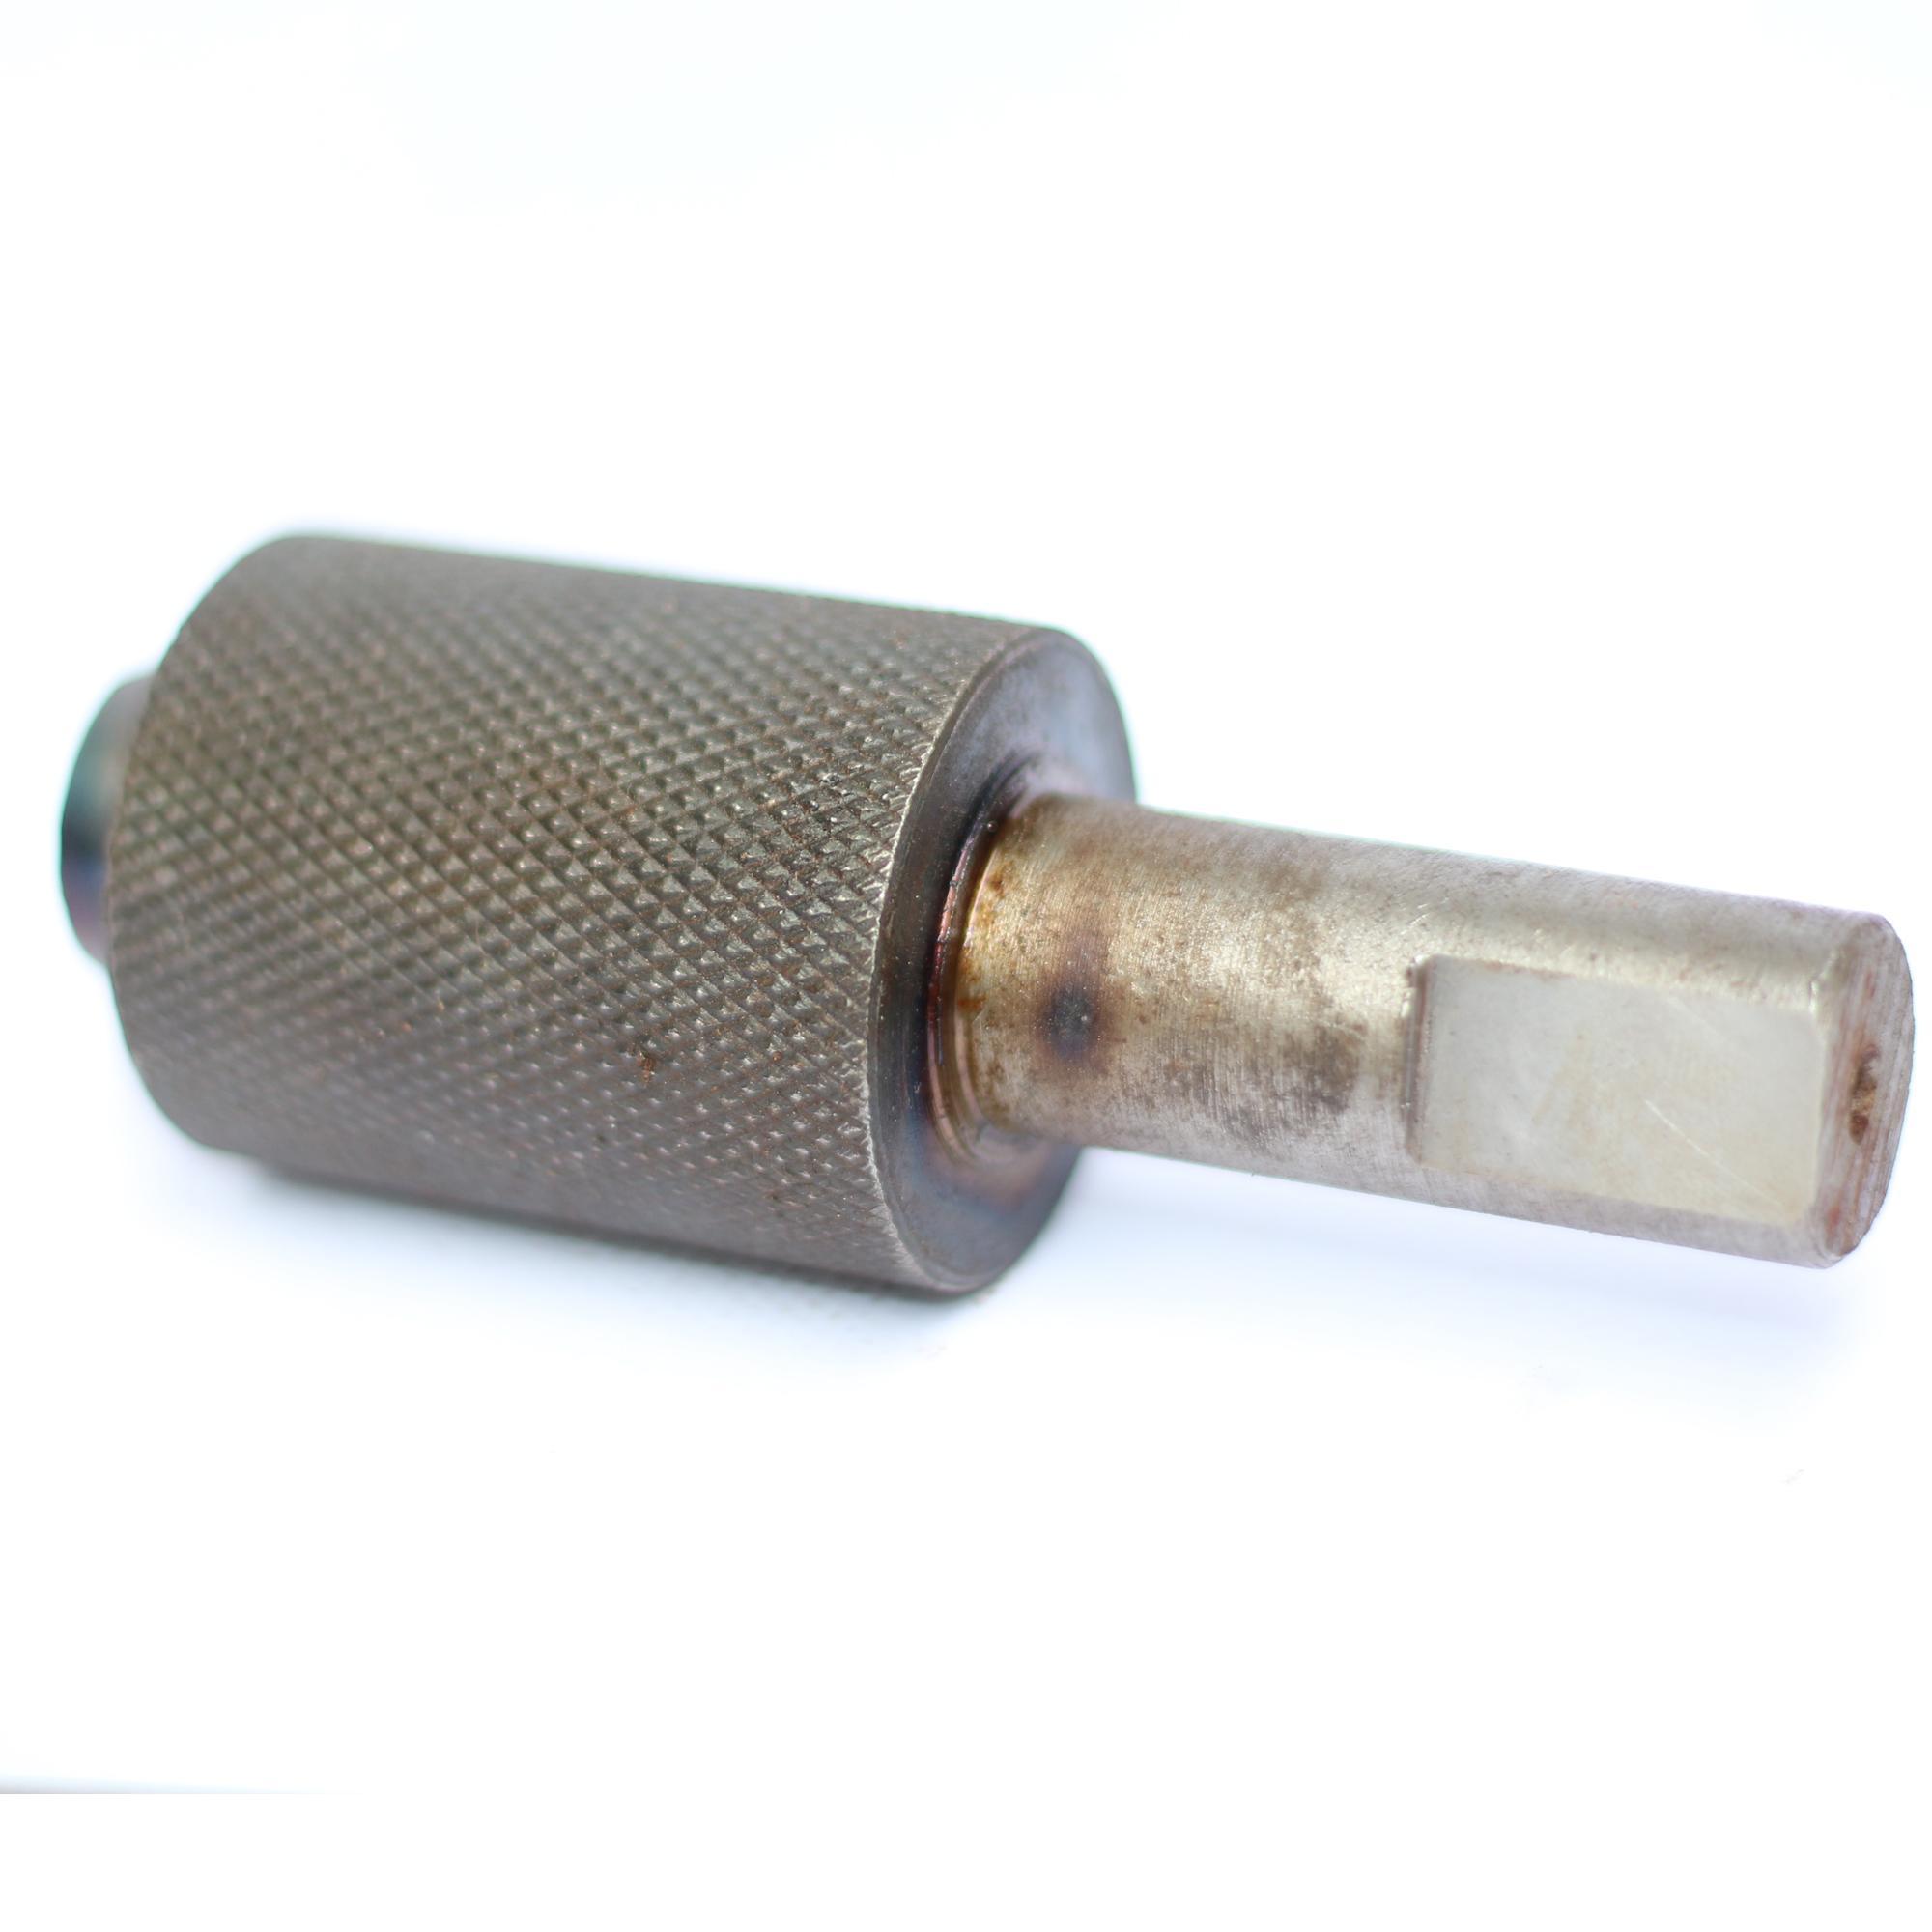 Puly trục chính cho máy uốn sắt mini MDU10-19